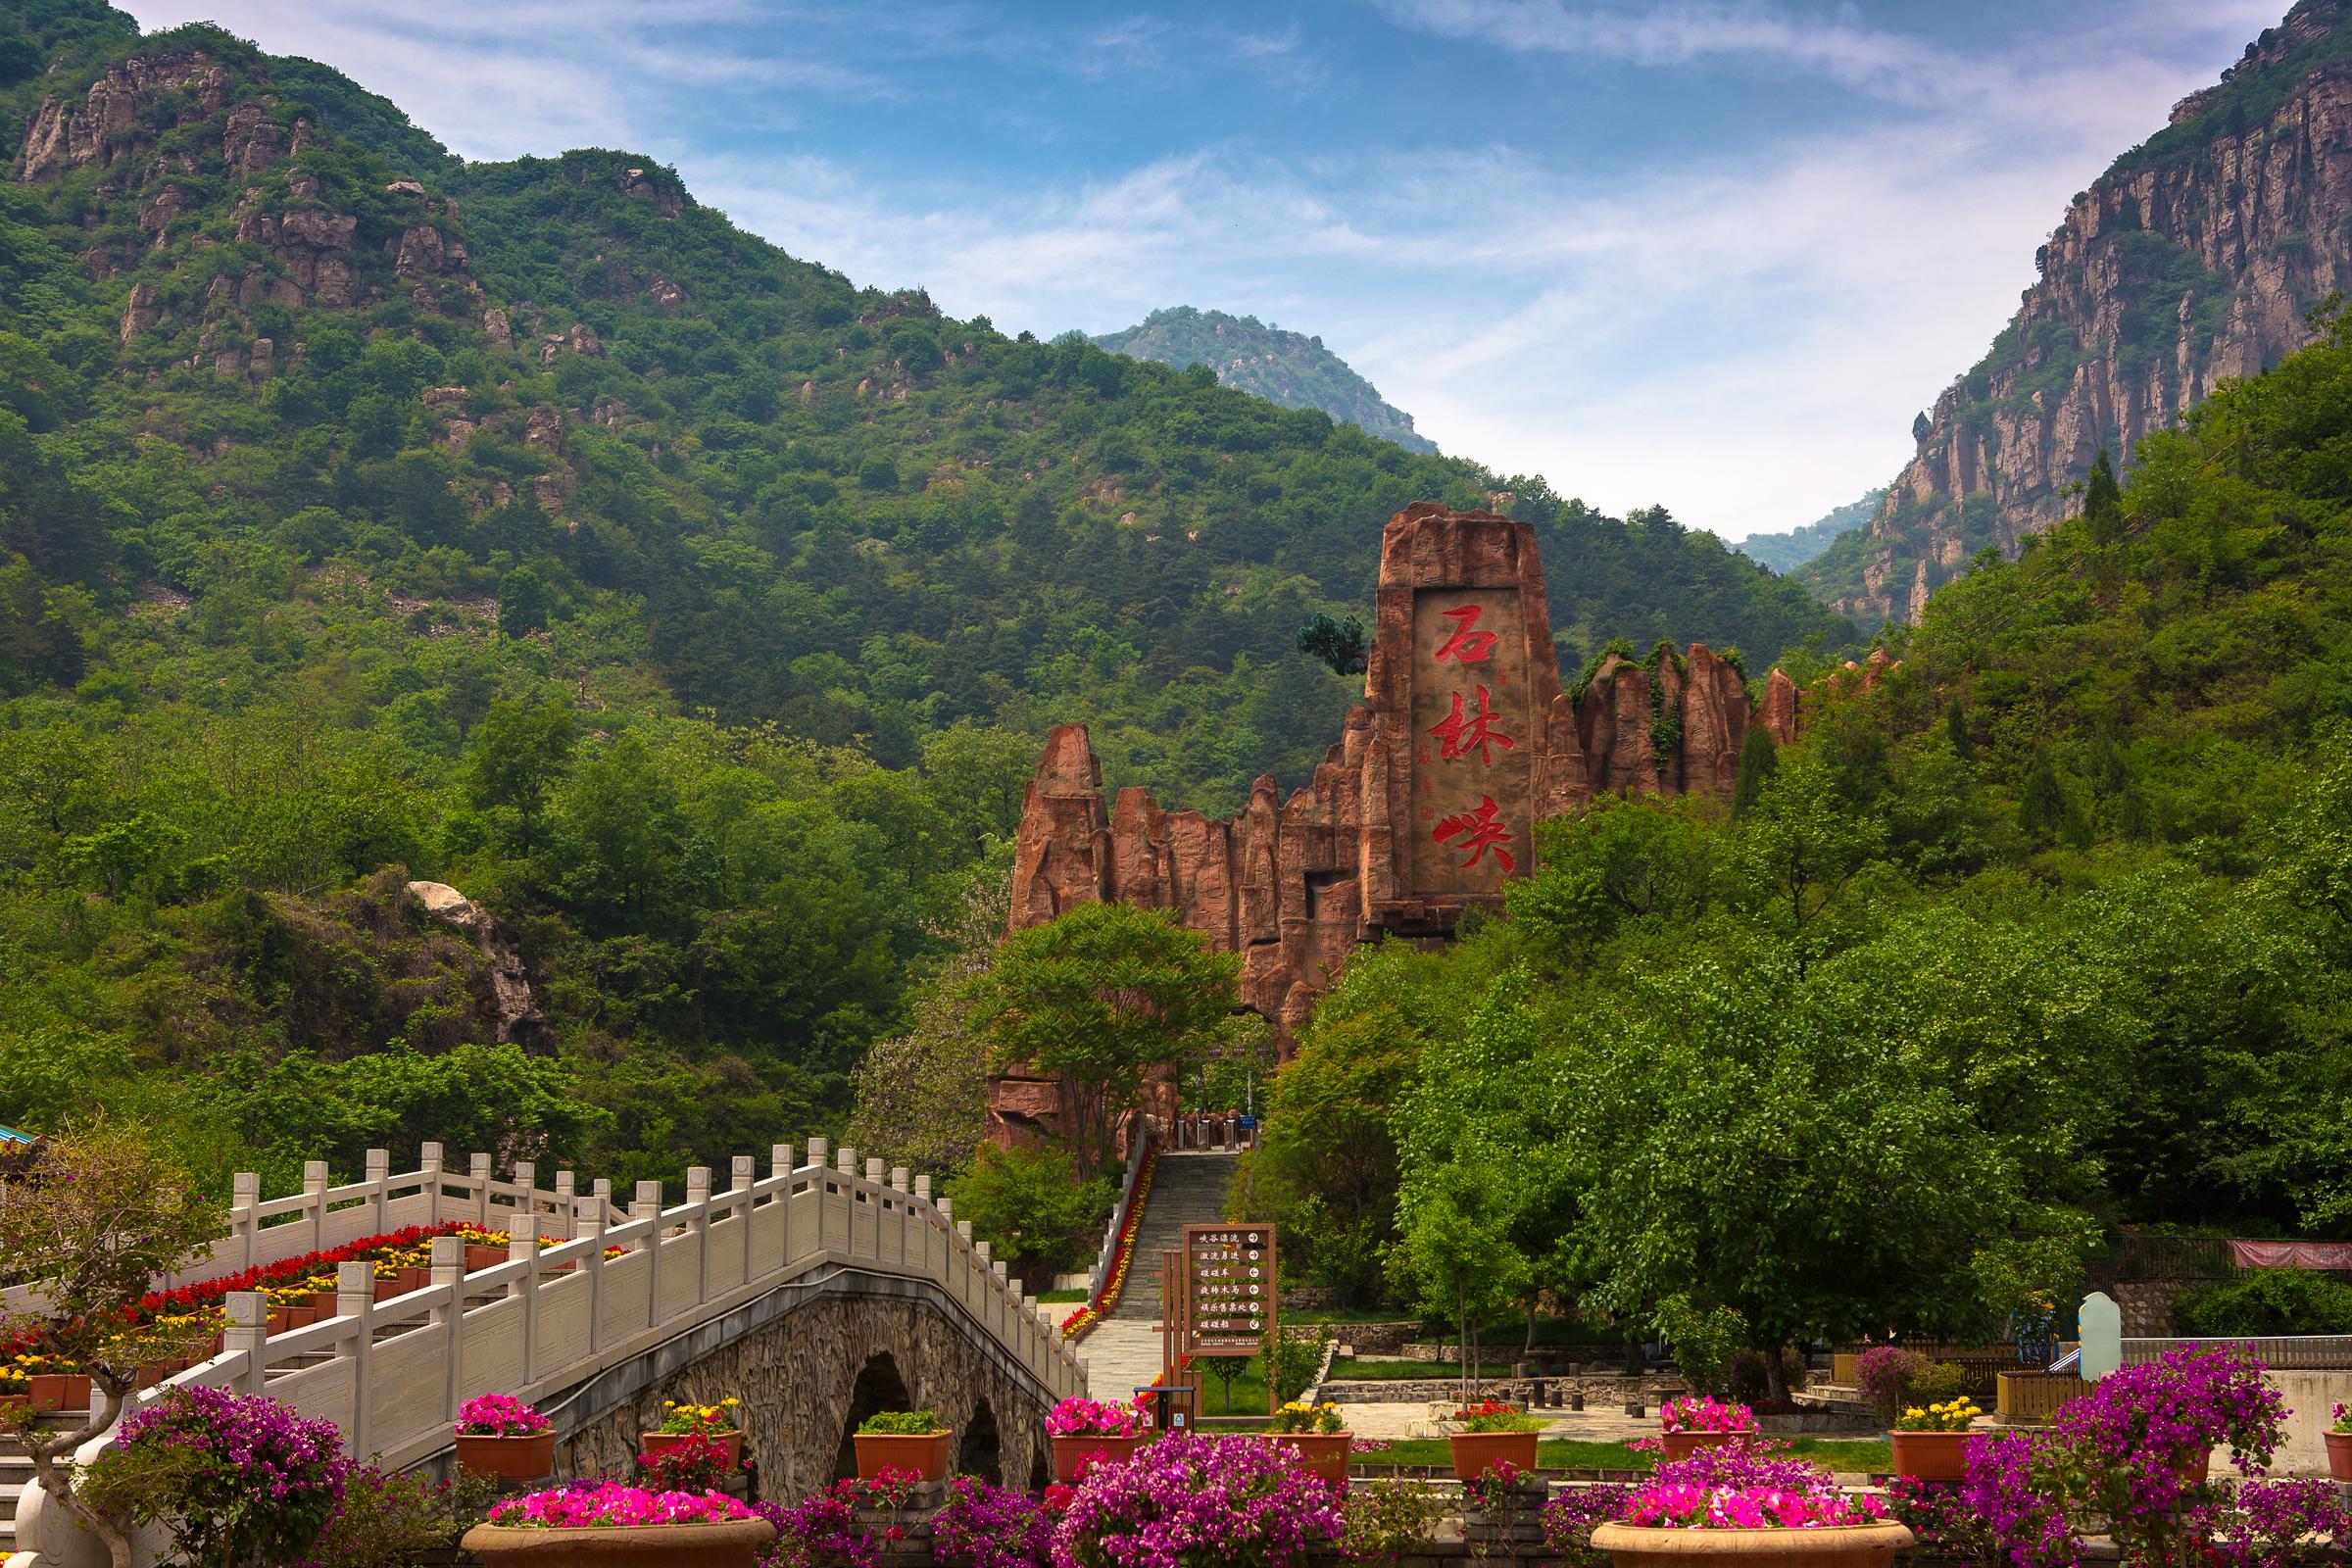 京郊网红踏春胜地石林峡,这里为你私藏了一整个春天